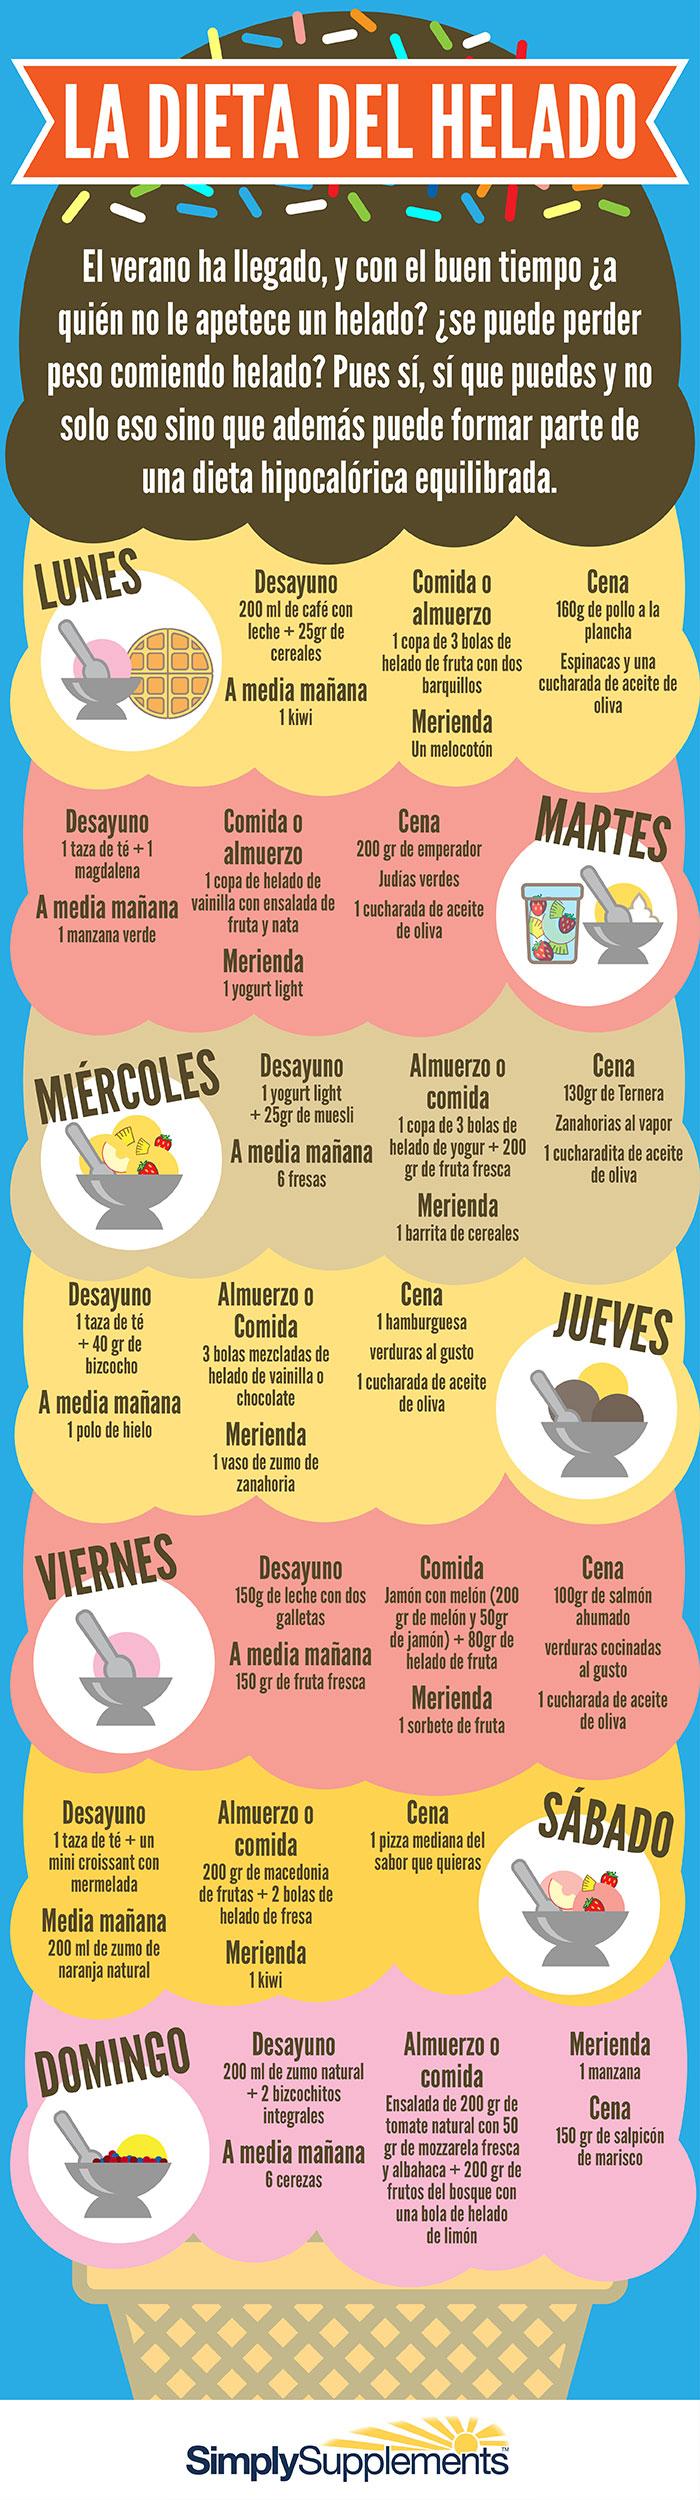 infografia-la-dieta-del-helado